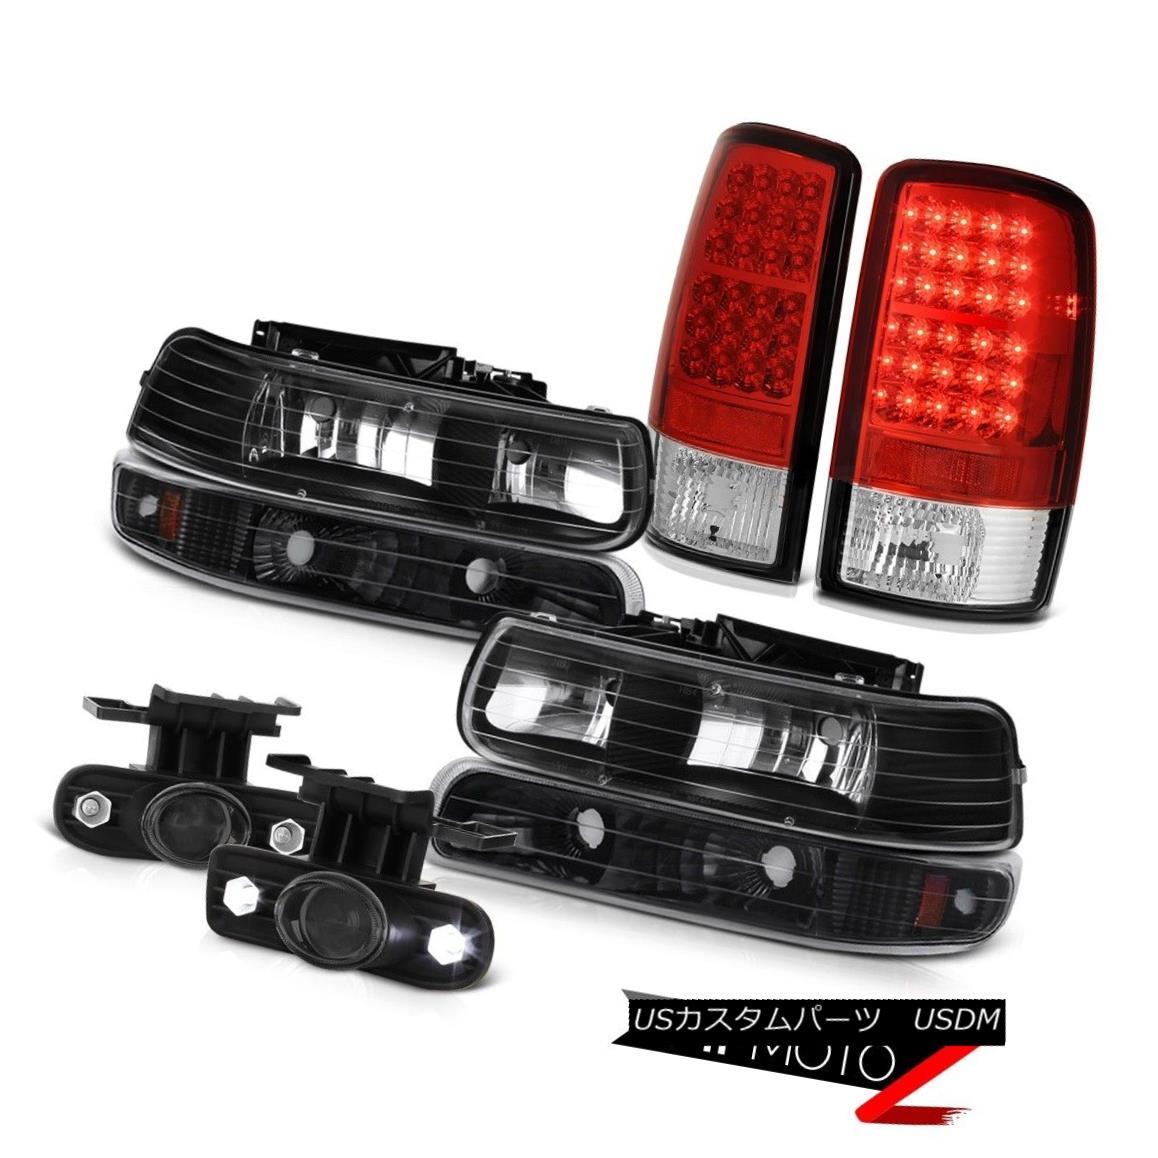 ヘッドライト 00 01 02 03 04 05 06 Suburban 1500 Diamond Headlight Brake Tail Lights LED Fog 00 01 02 03 04 05 06郊外1500ダイヤモンドヘッドライトブレーキテールライトLEDフォグ